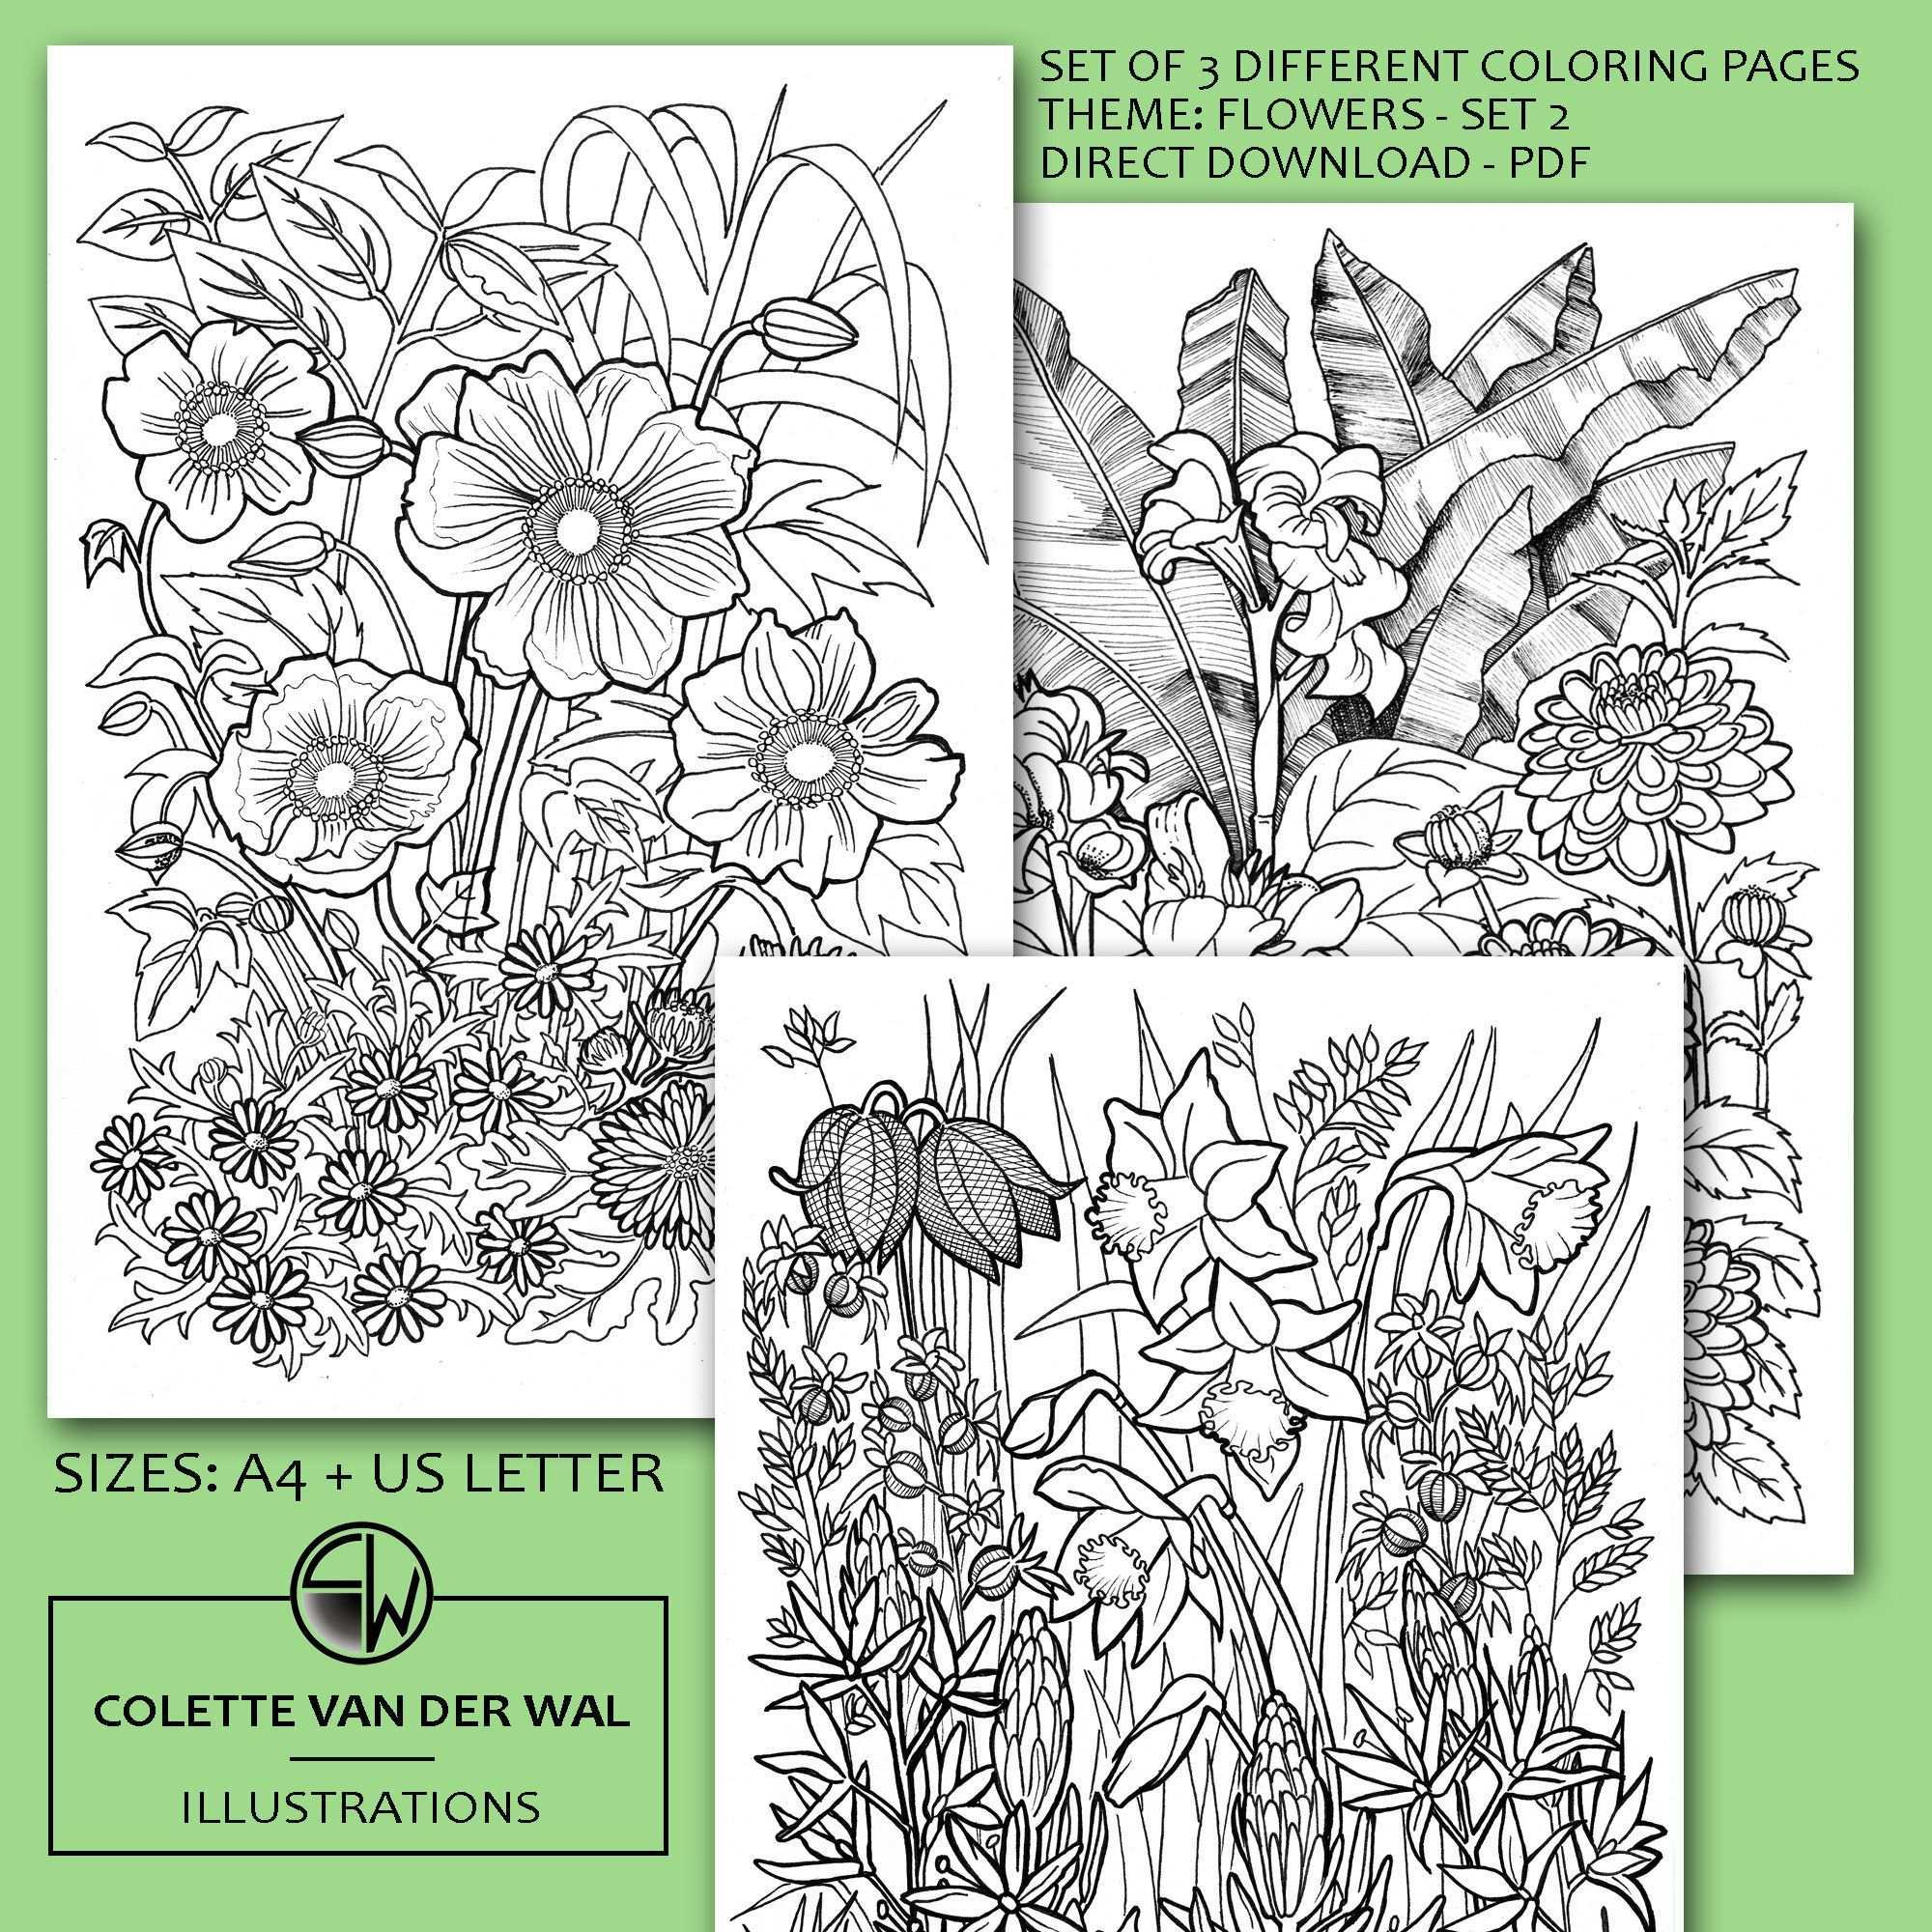 Bloemen Kleurplaten Set 2 Set Van 3 Verschillende Afbeeldingen Handgetekende Illustraties Directe Download Pdf Formaat A4 Usletter In 2020 Coloring Books Coloring Pages Prints